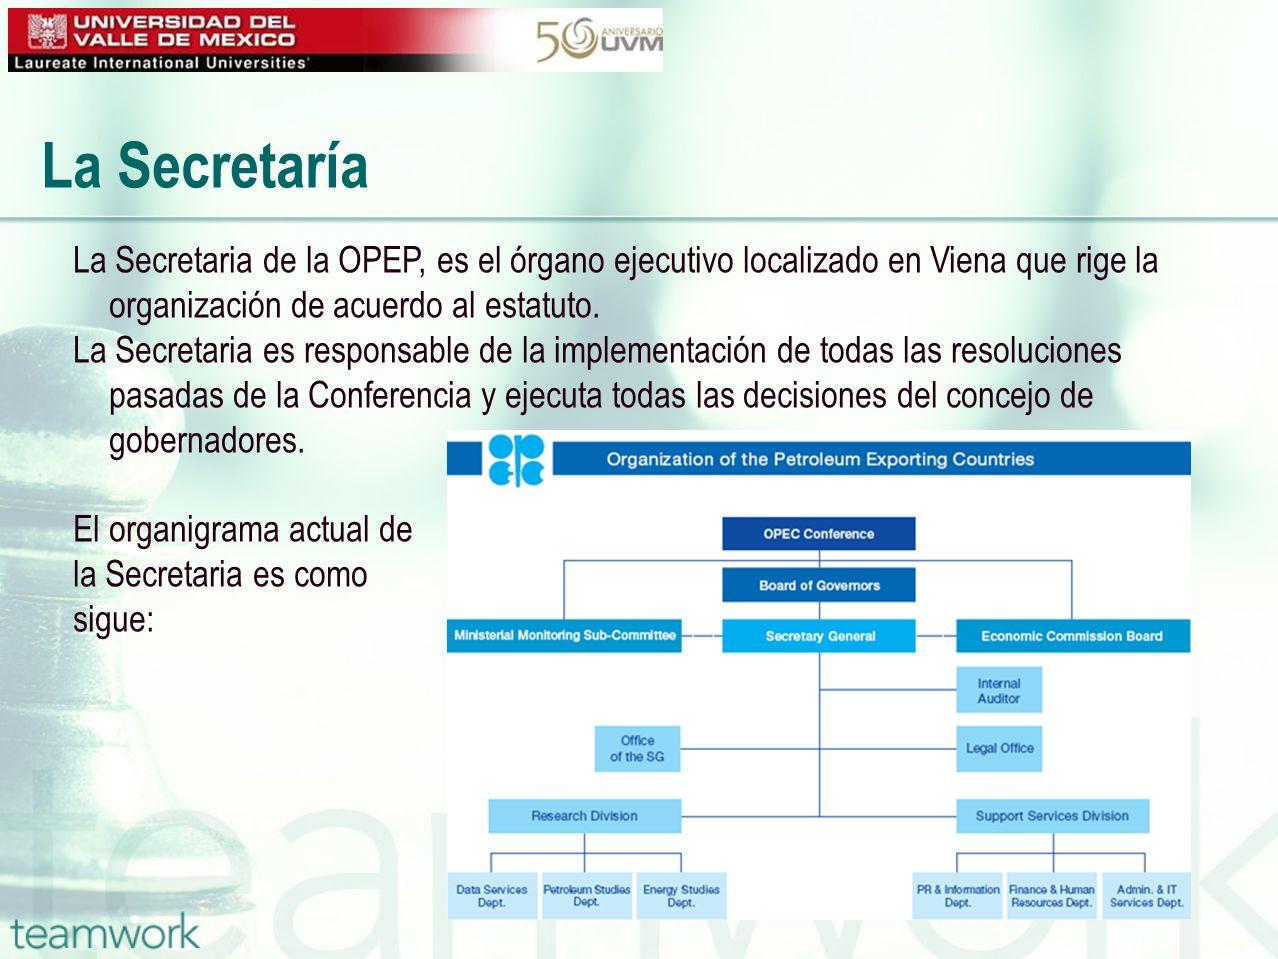 La Secretaria de la OPEP, es el órgano ejecutivo localizado en Viena que rige la organización de acuerdo al estatuto. La Secretaria es responsable de